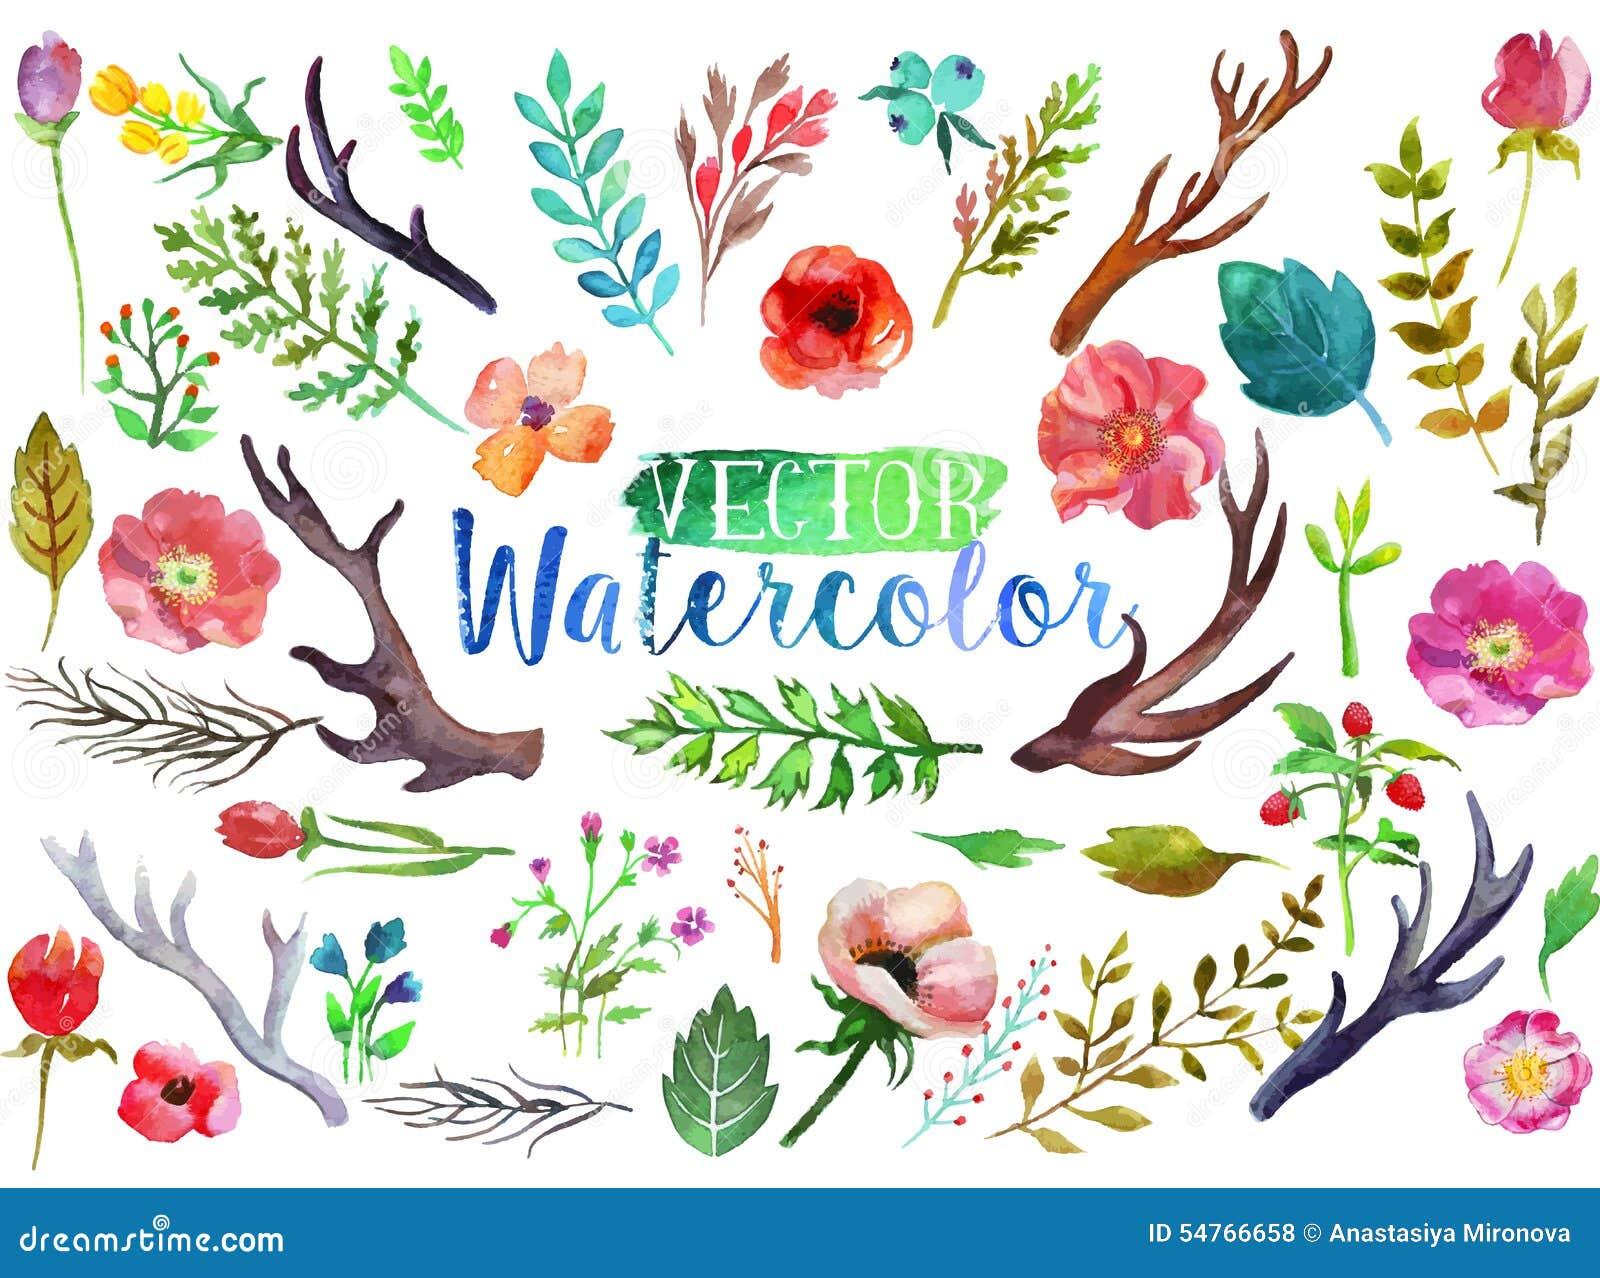 导航水彩手拉的五颜六色的花,叶子和垫铁 在白色背景的艺术油漆.图片